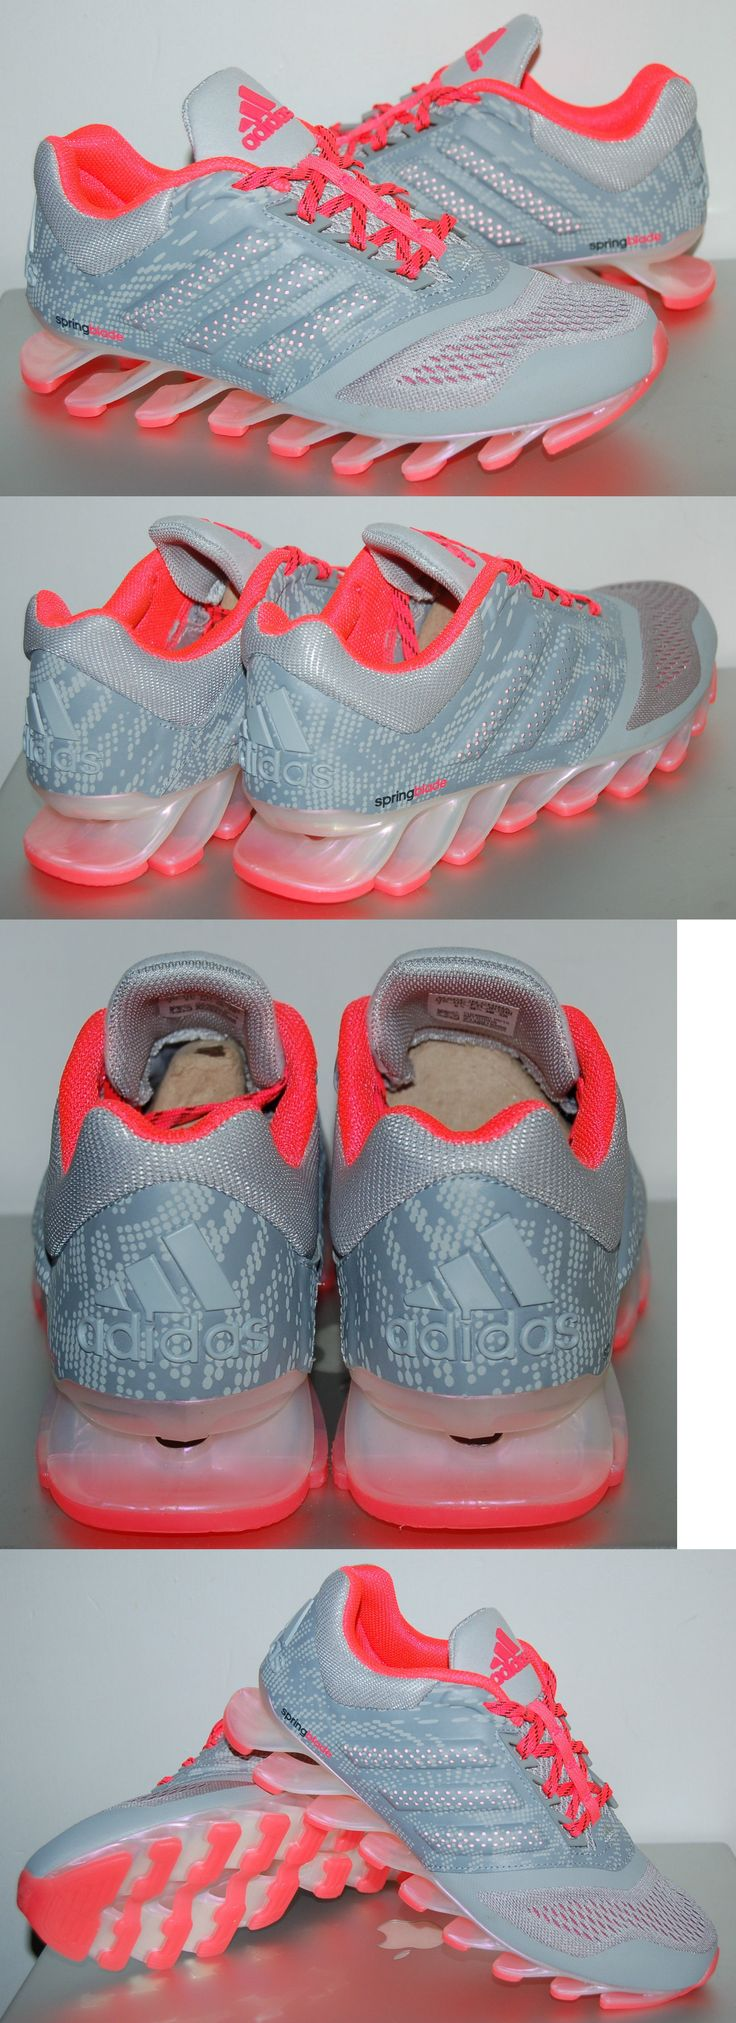 comprar adidas springblade usa sneakerdiscount